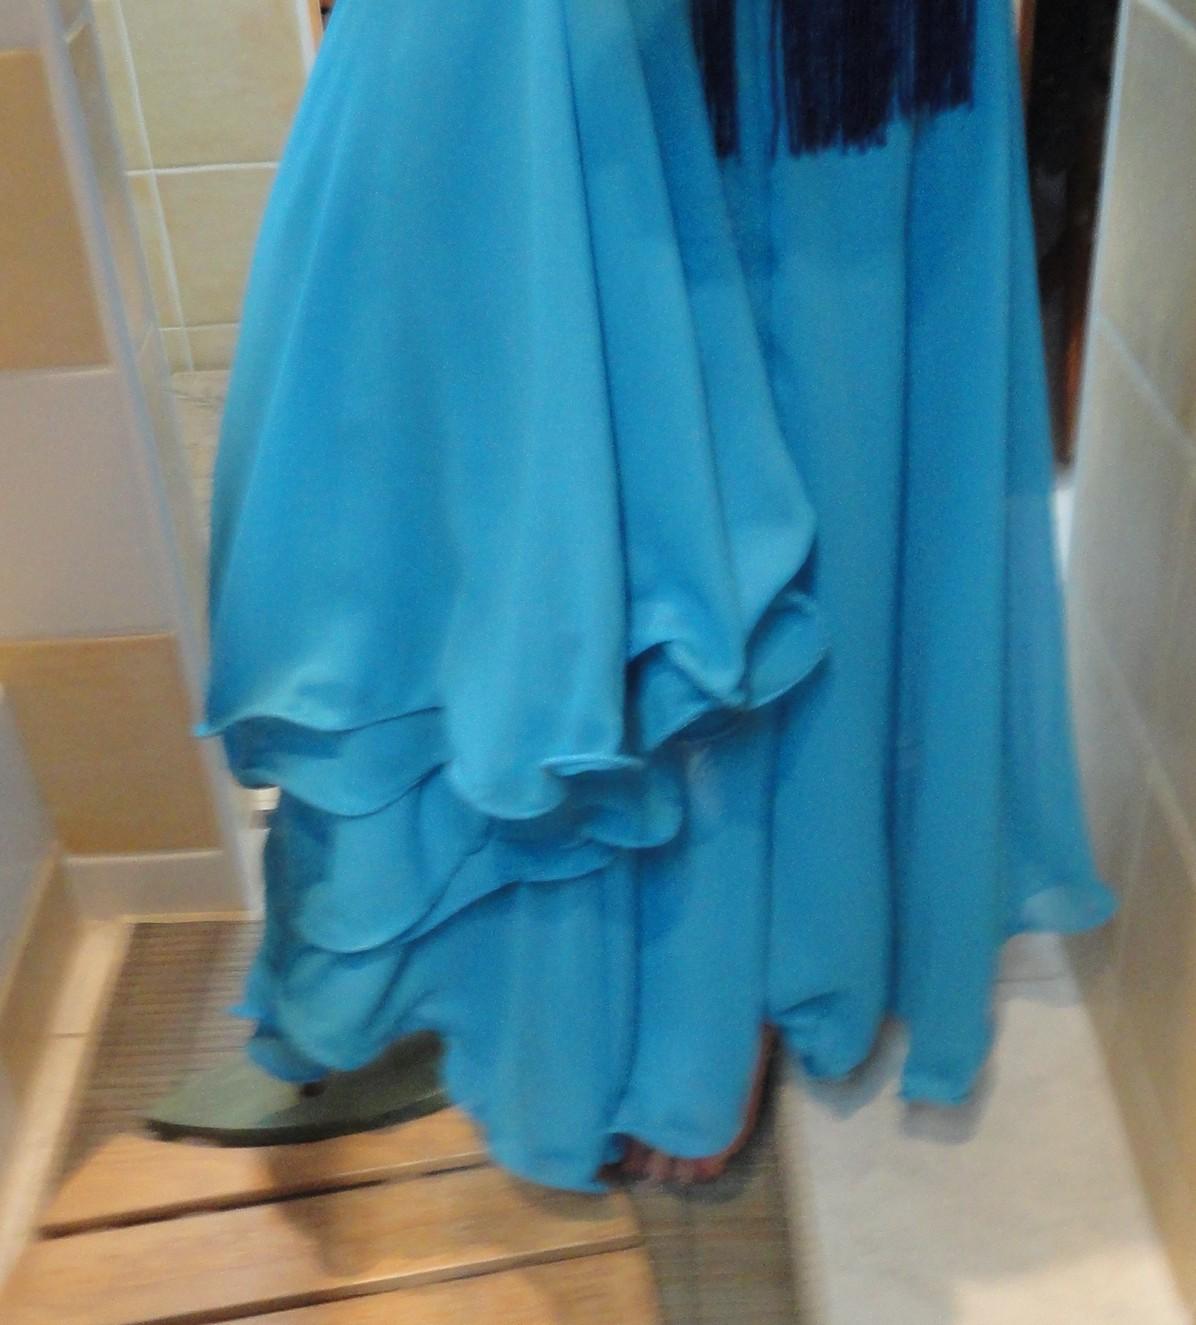 Miss coco vide son dressing montpellier h rault 34 ensemble bleu nuit de danse orientale - Vide dressing montpellier ...